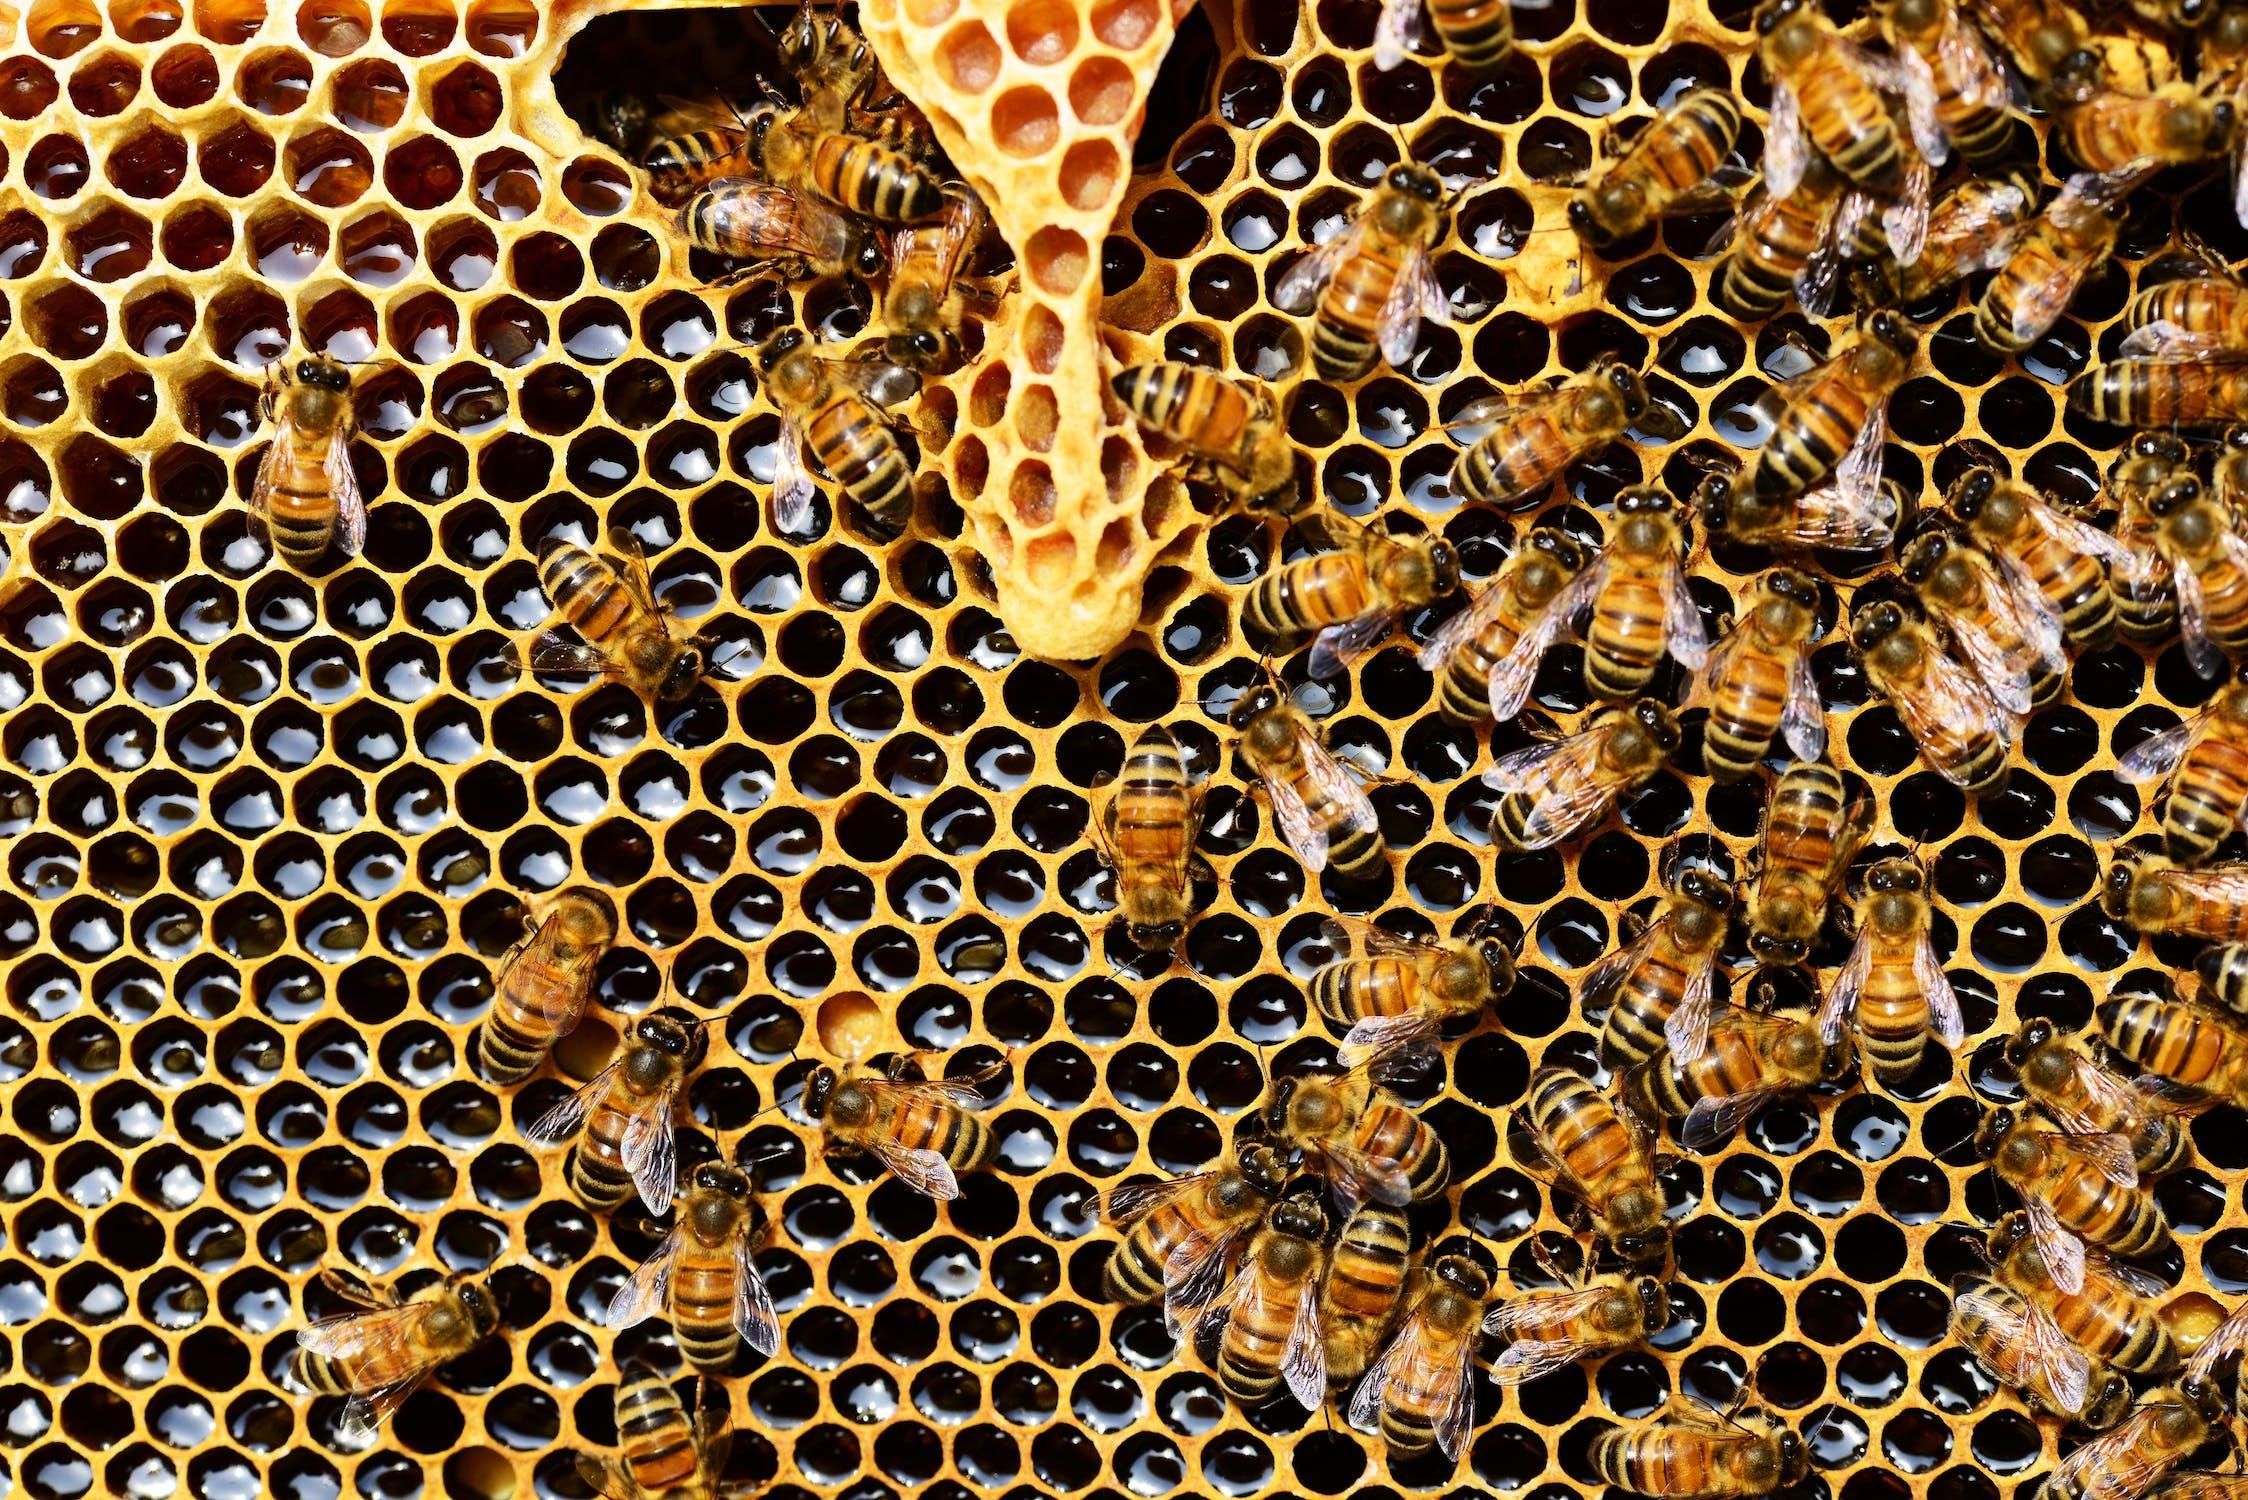 Plagas y exceso de tala destruye hábitat de abejas en Yucatán